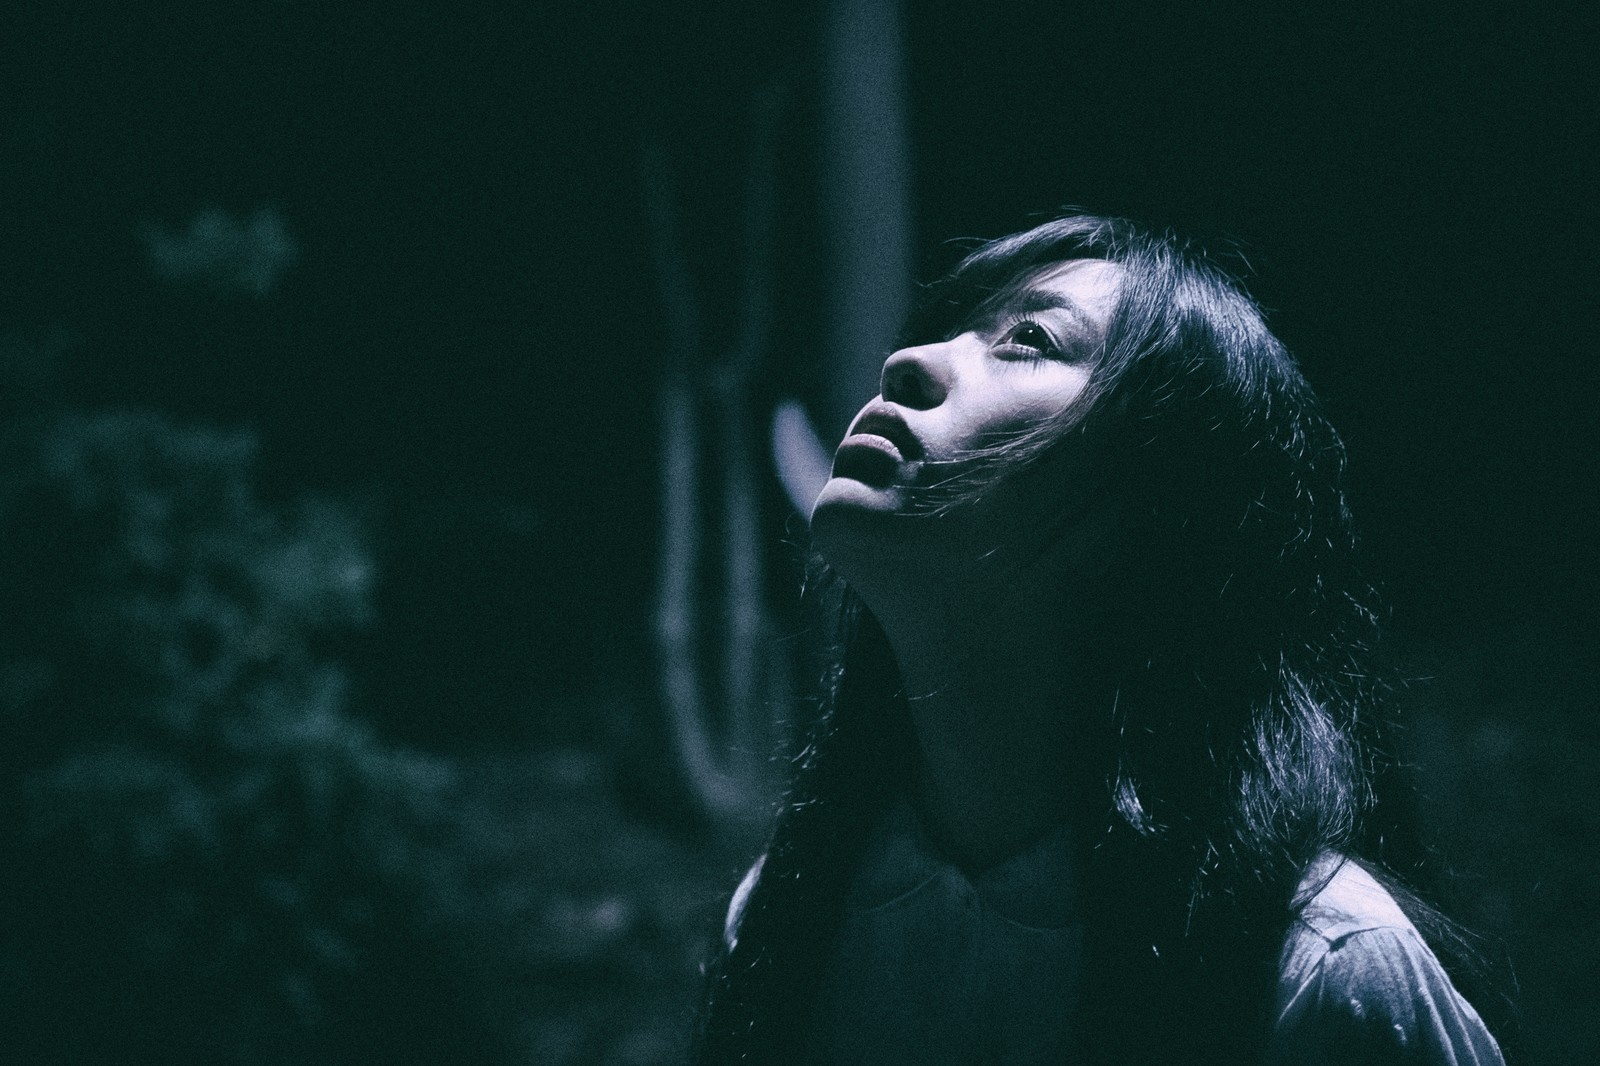 「月の明かりが私を照らす月の明かりが私を照らす」のフリー写真素材を拡大